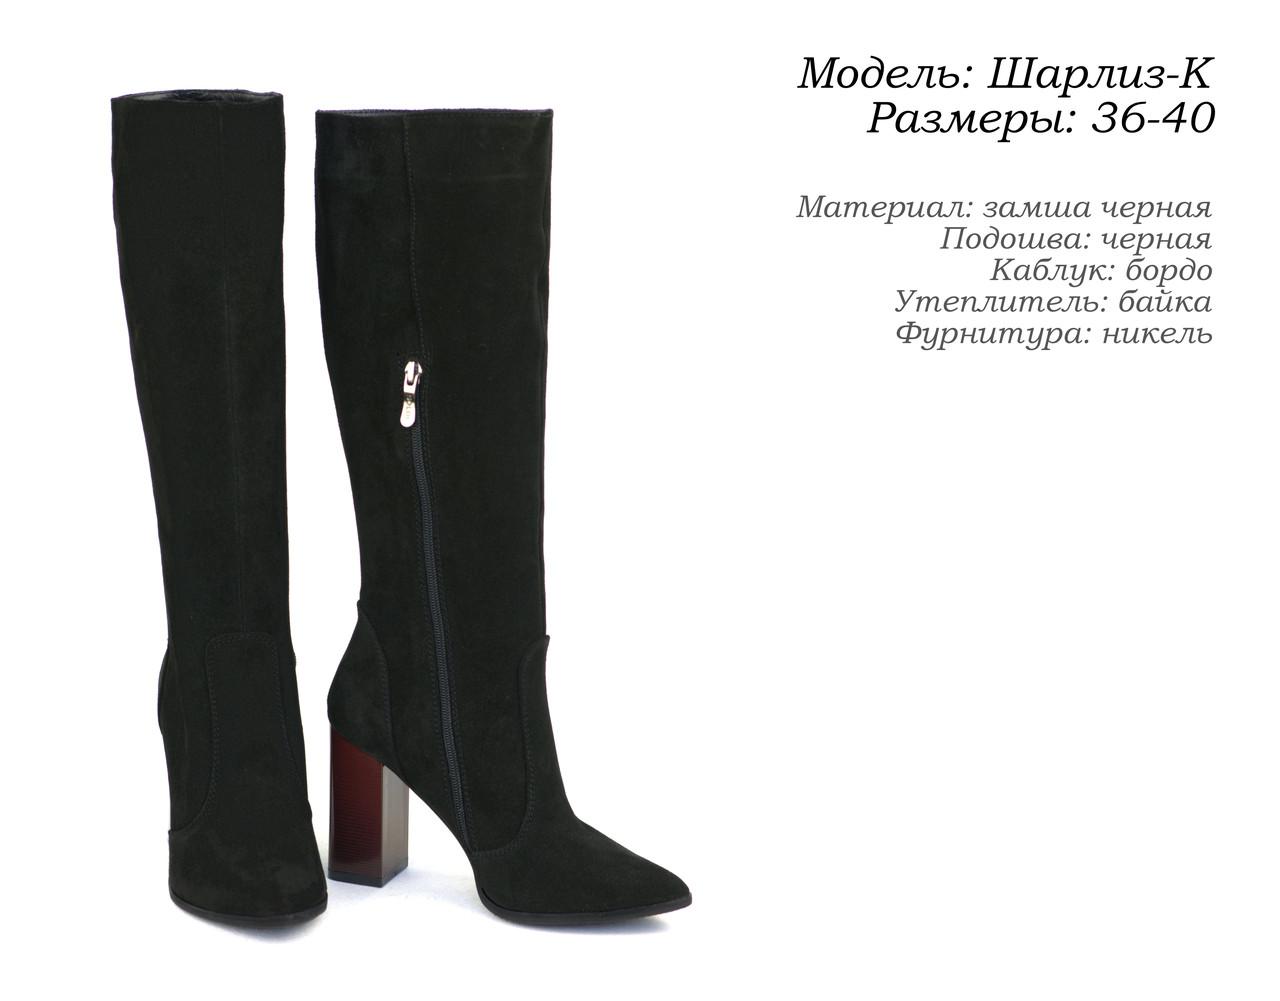 Замшевая женская обувь от производителя.